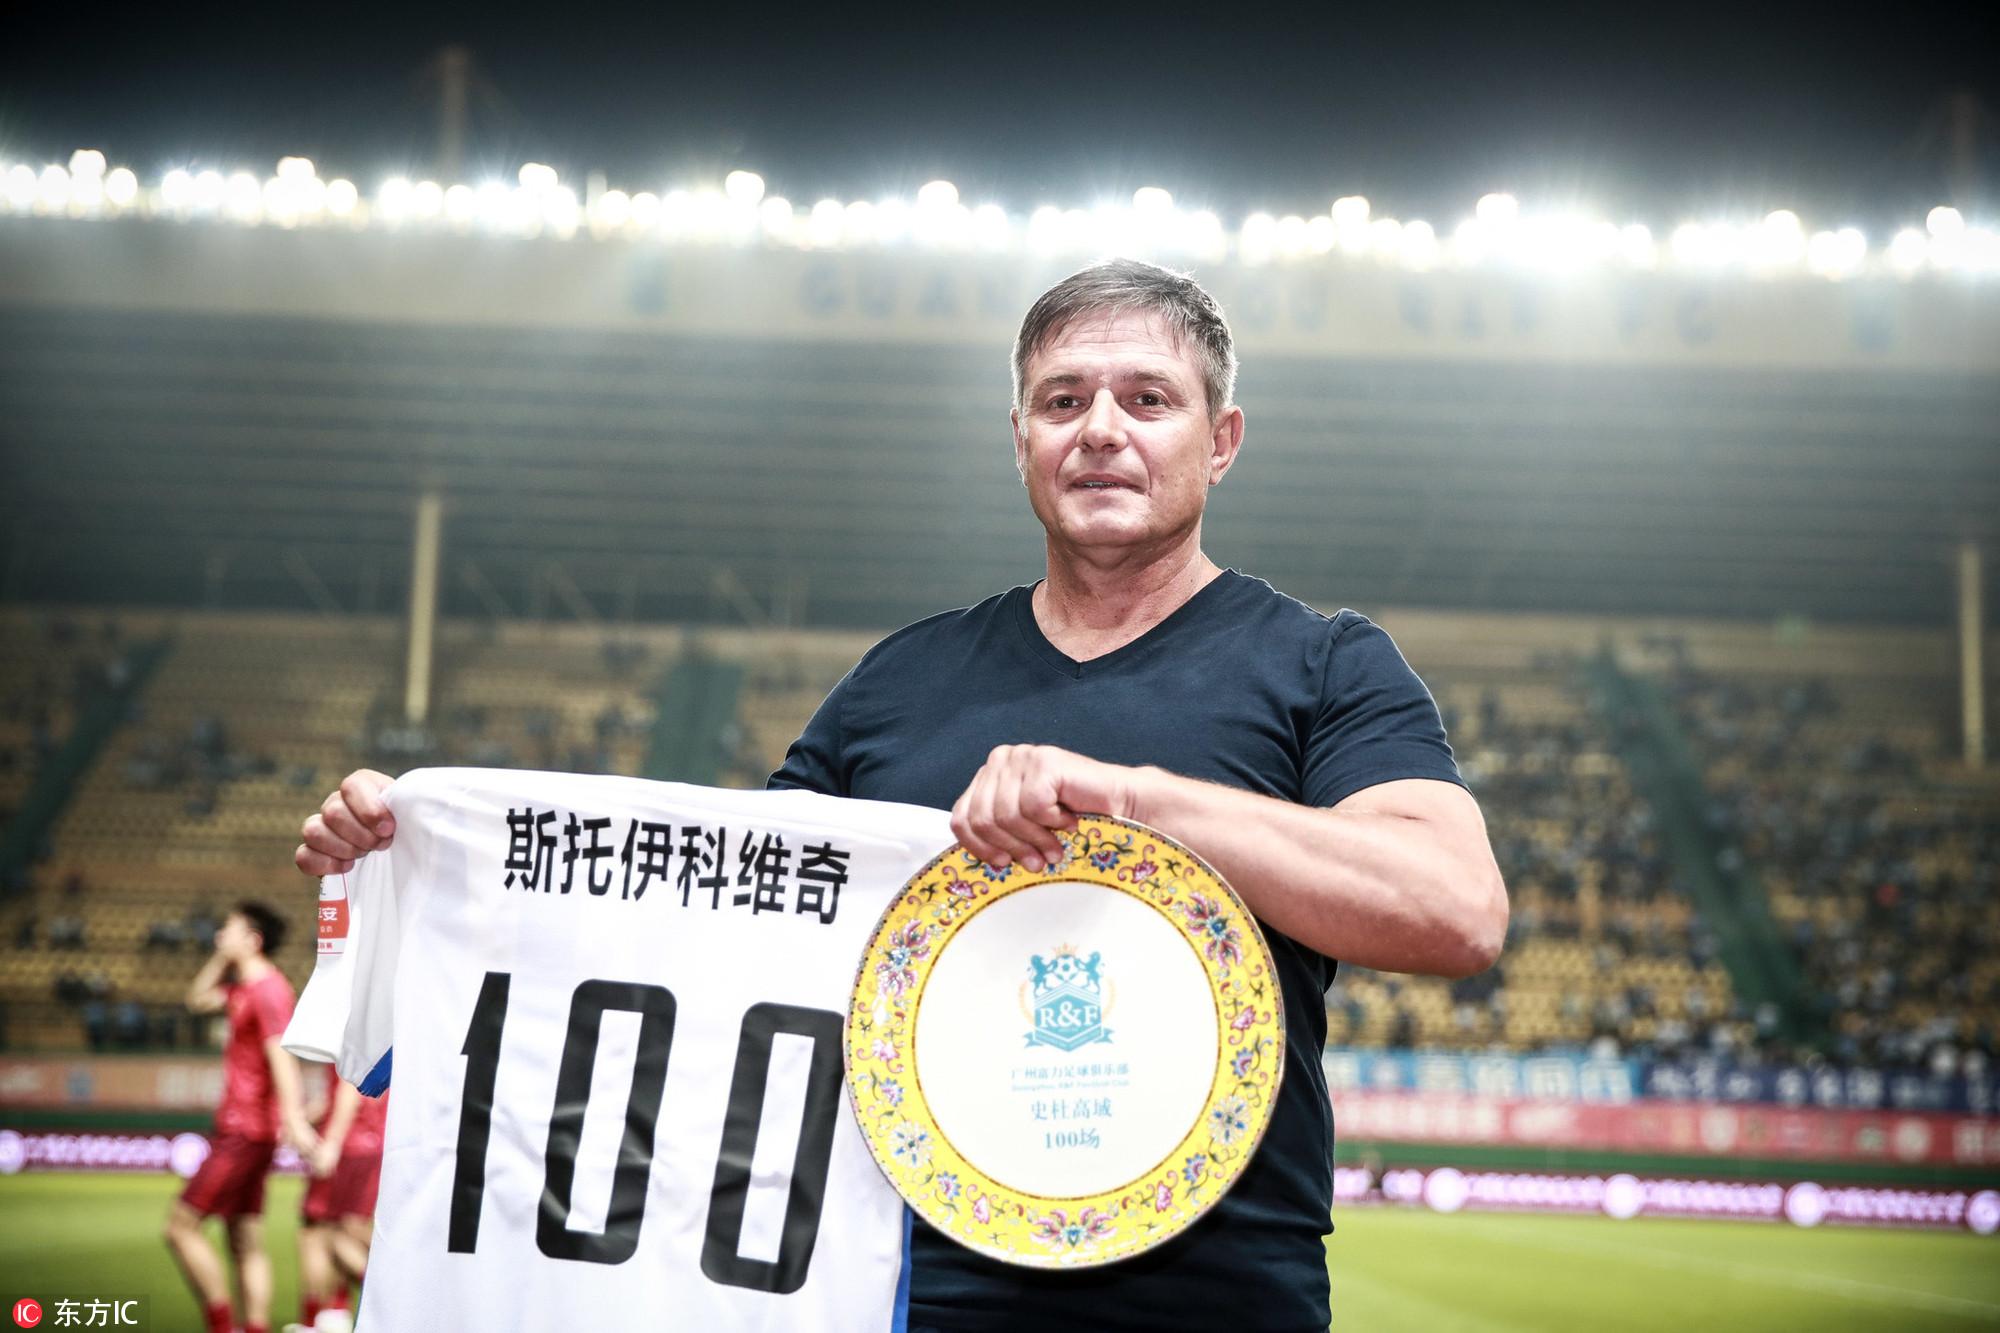 斯托:争取周日用胜利收官,姜至鹏是洲际级的球员